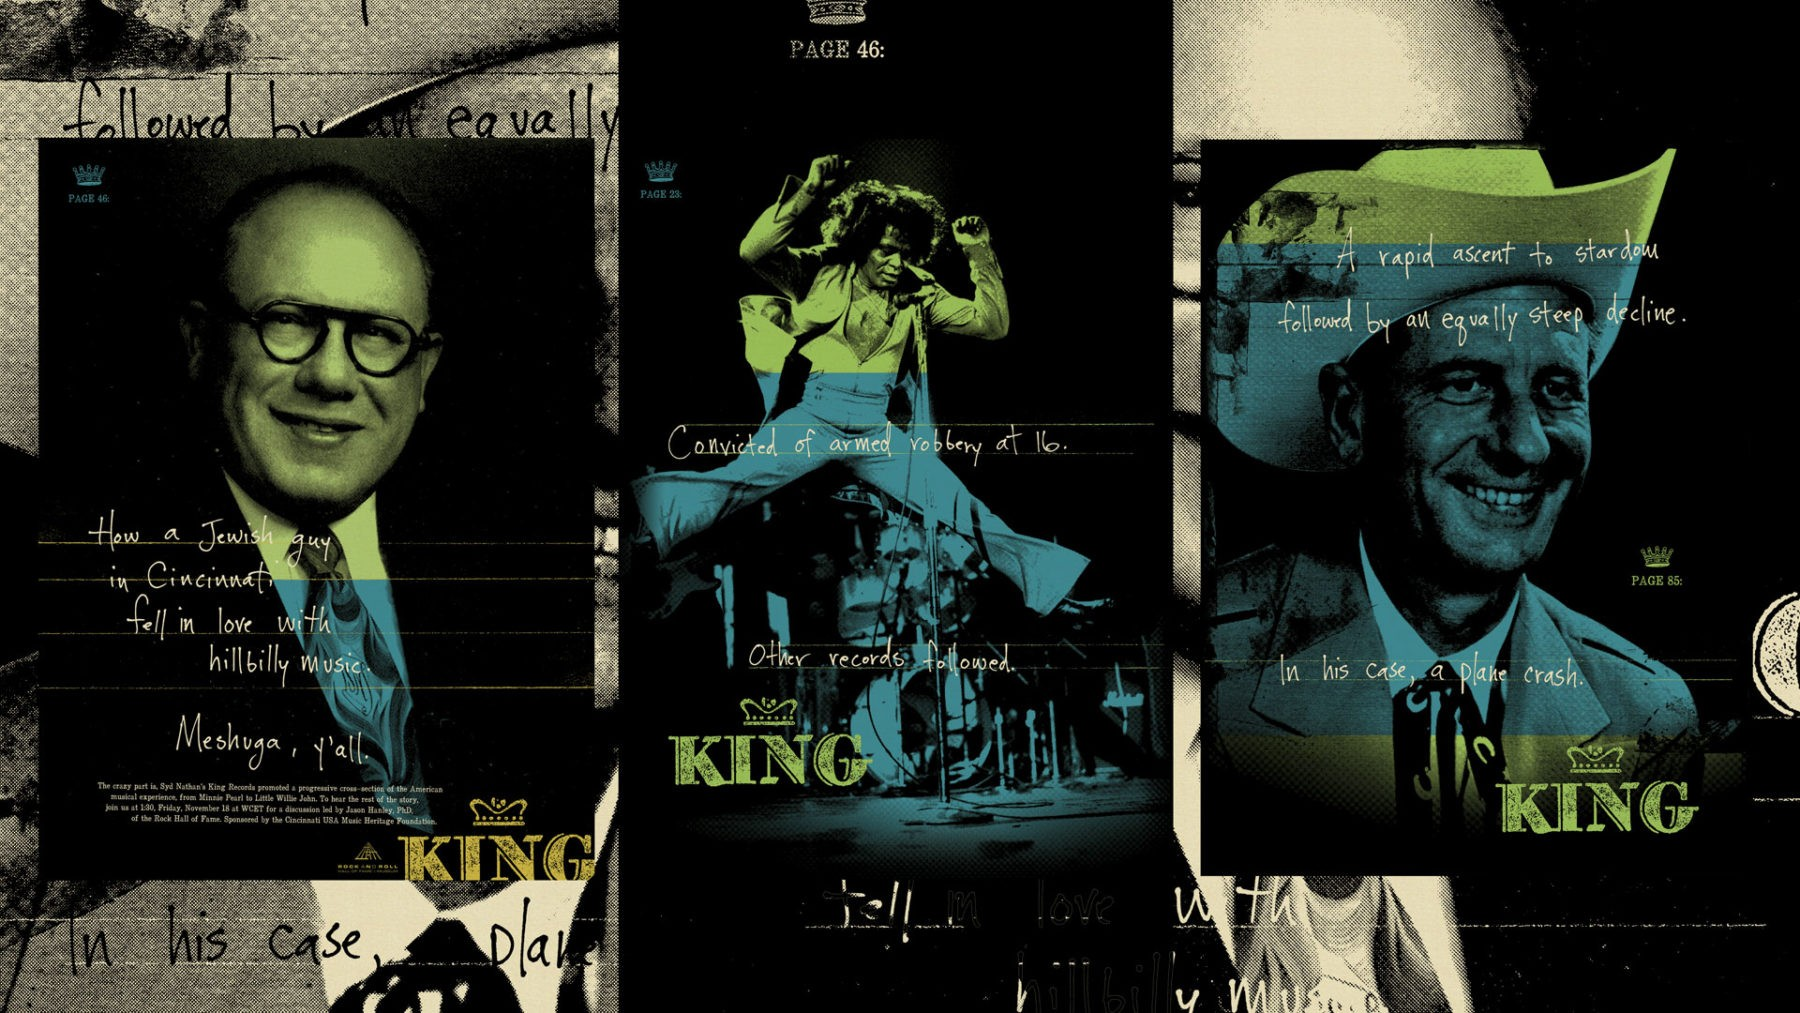 King_02